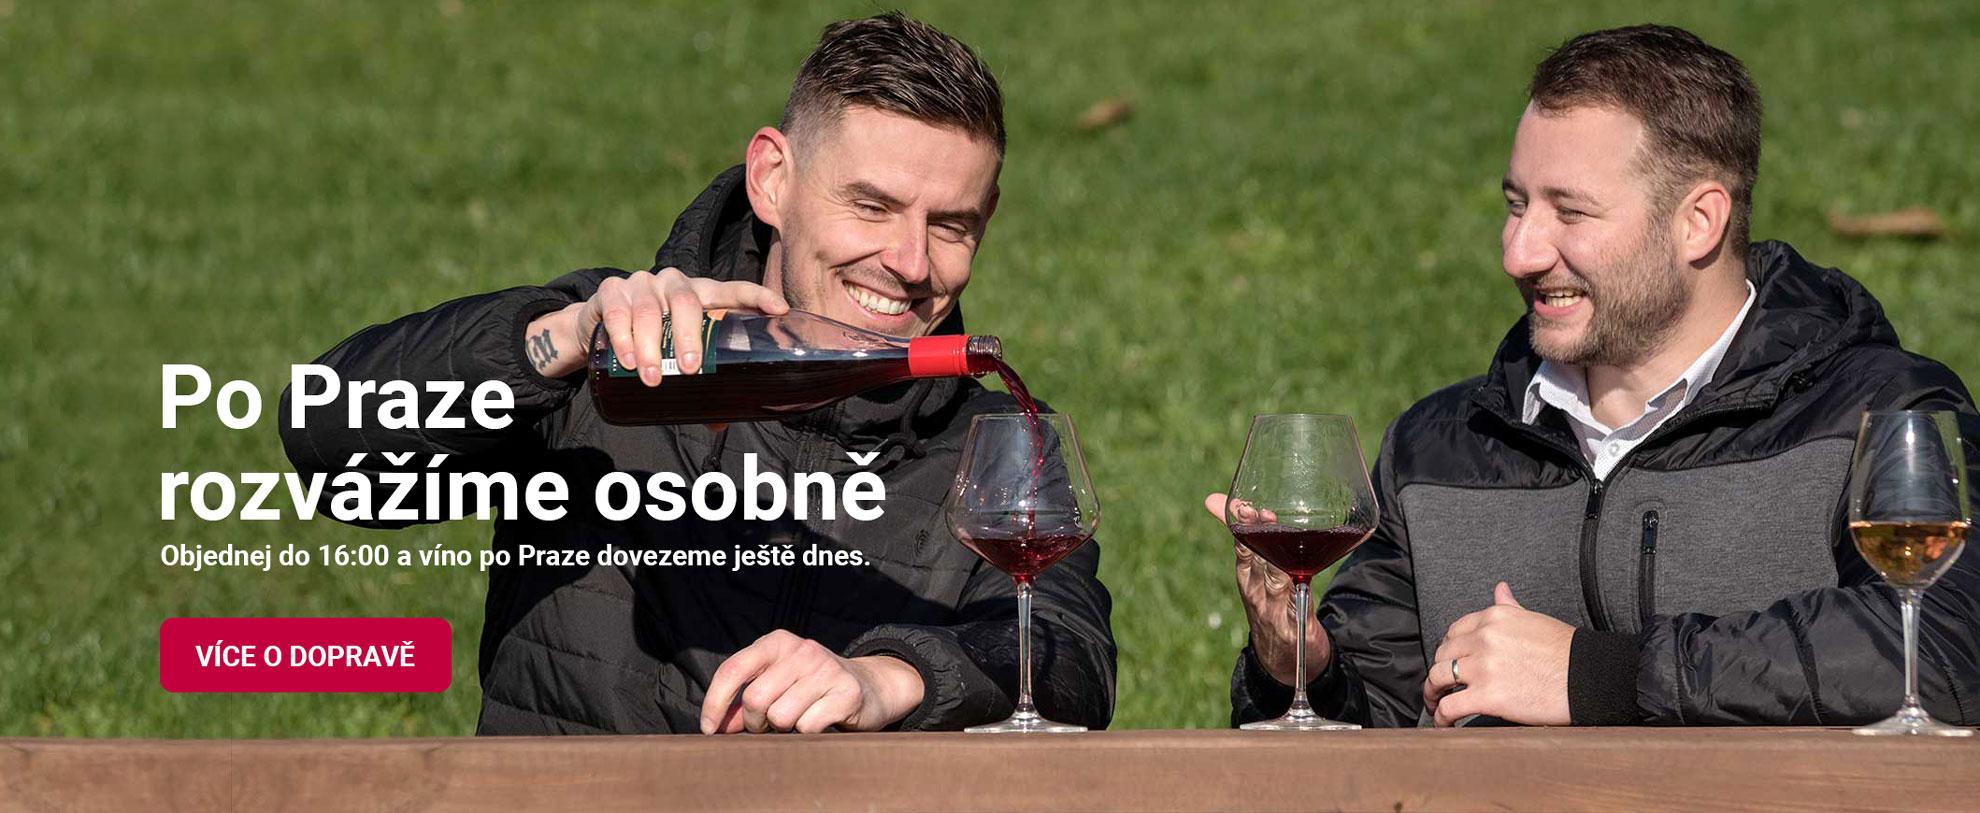 Rozvoz vína nejen Praha | Zkusvíno.cz | e-shop s kvalitními víny